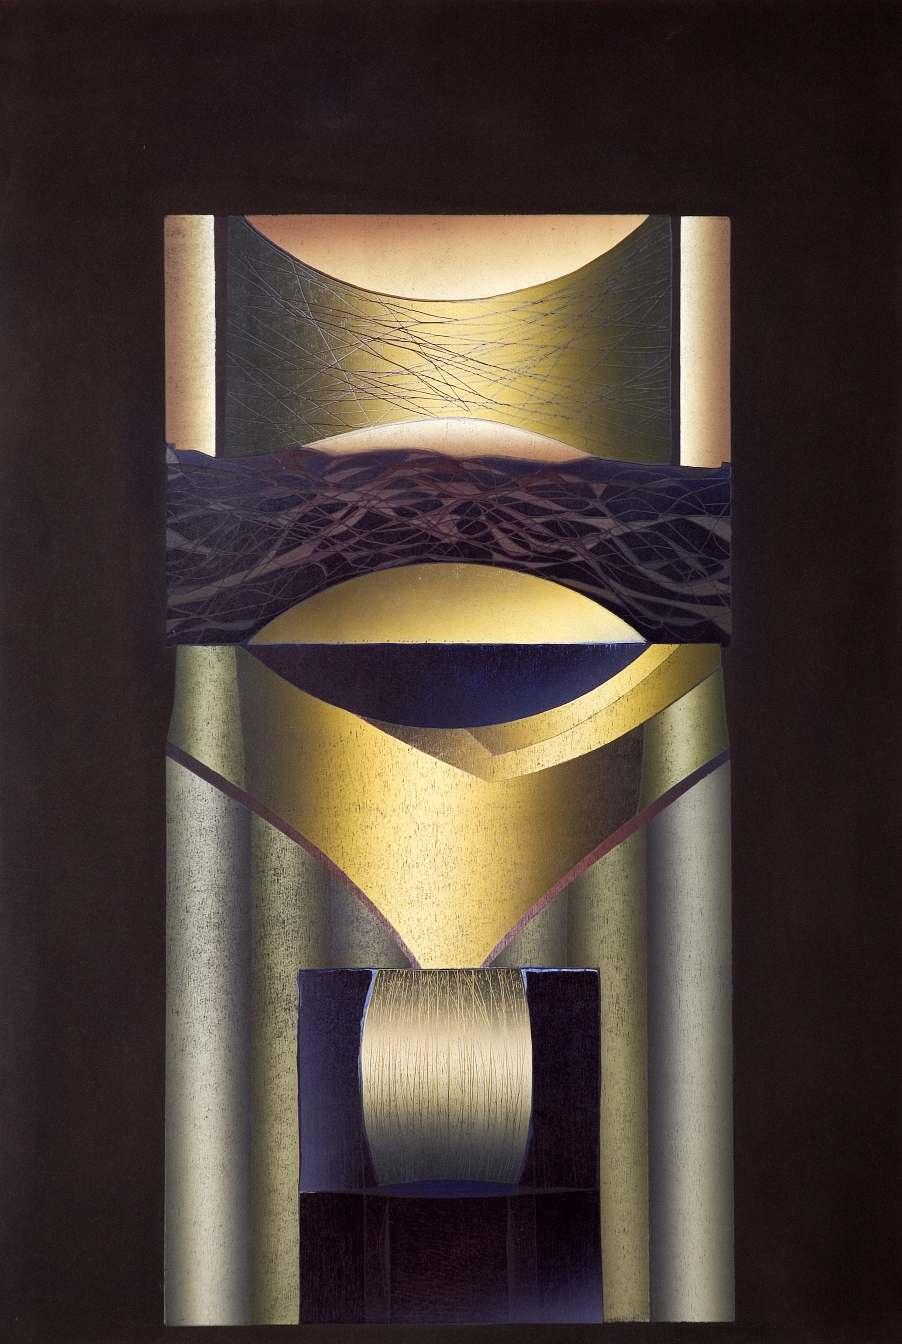 florence-contemplation-112-x-76-cm-kopie